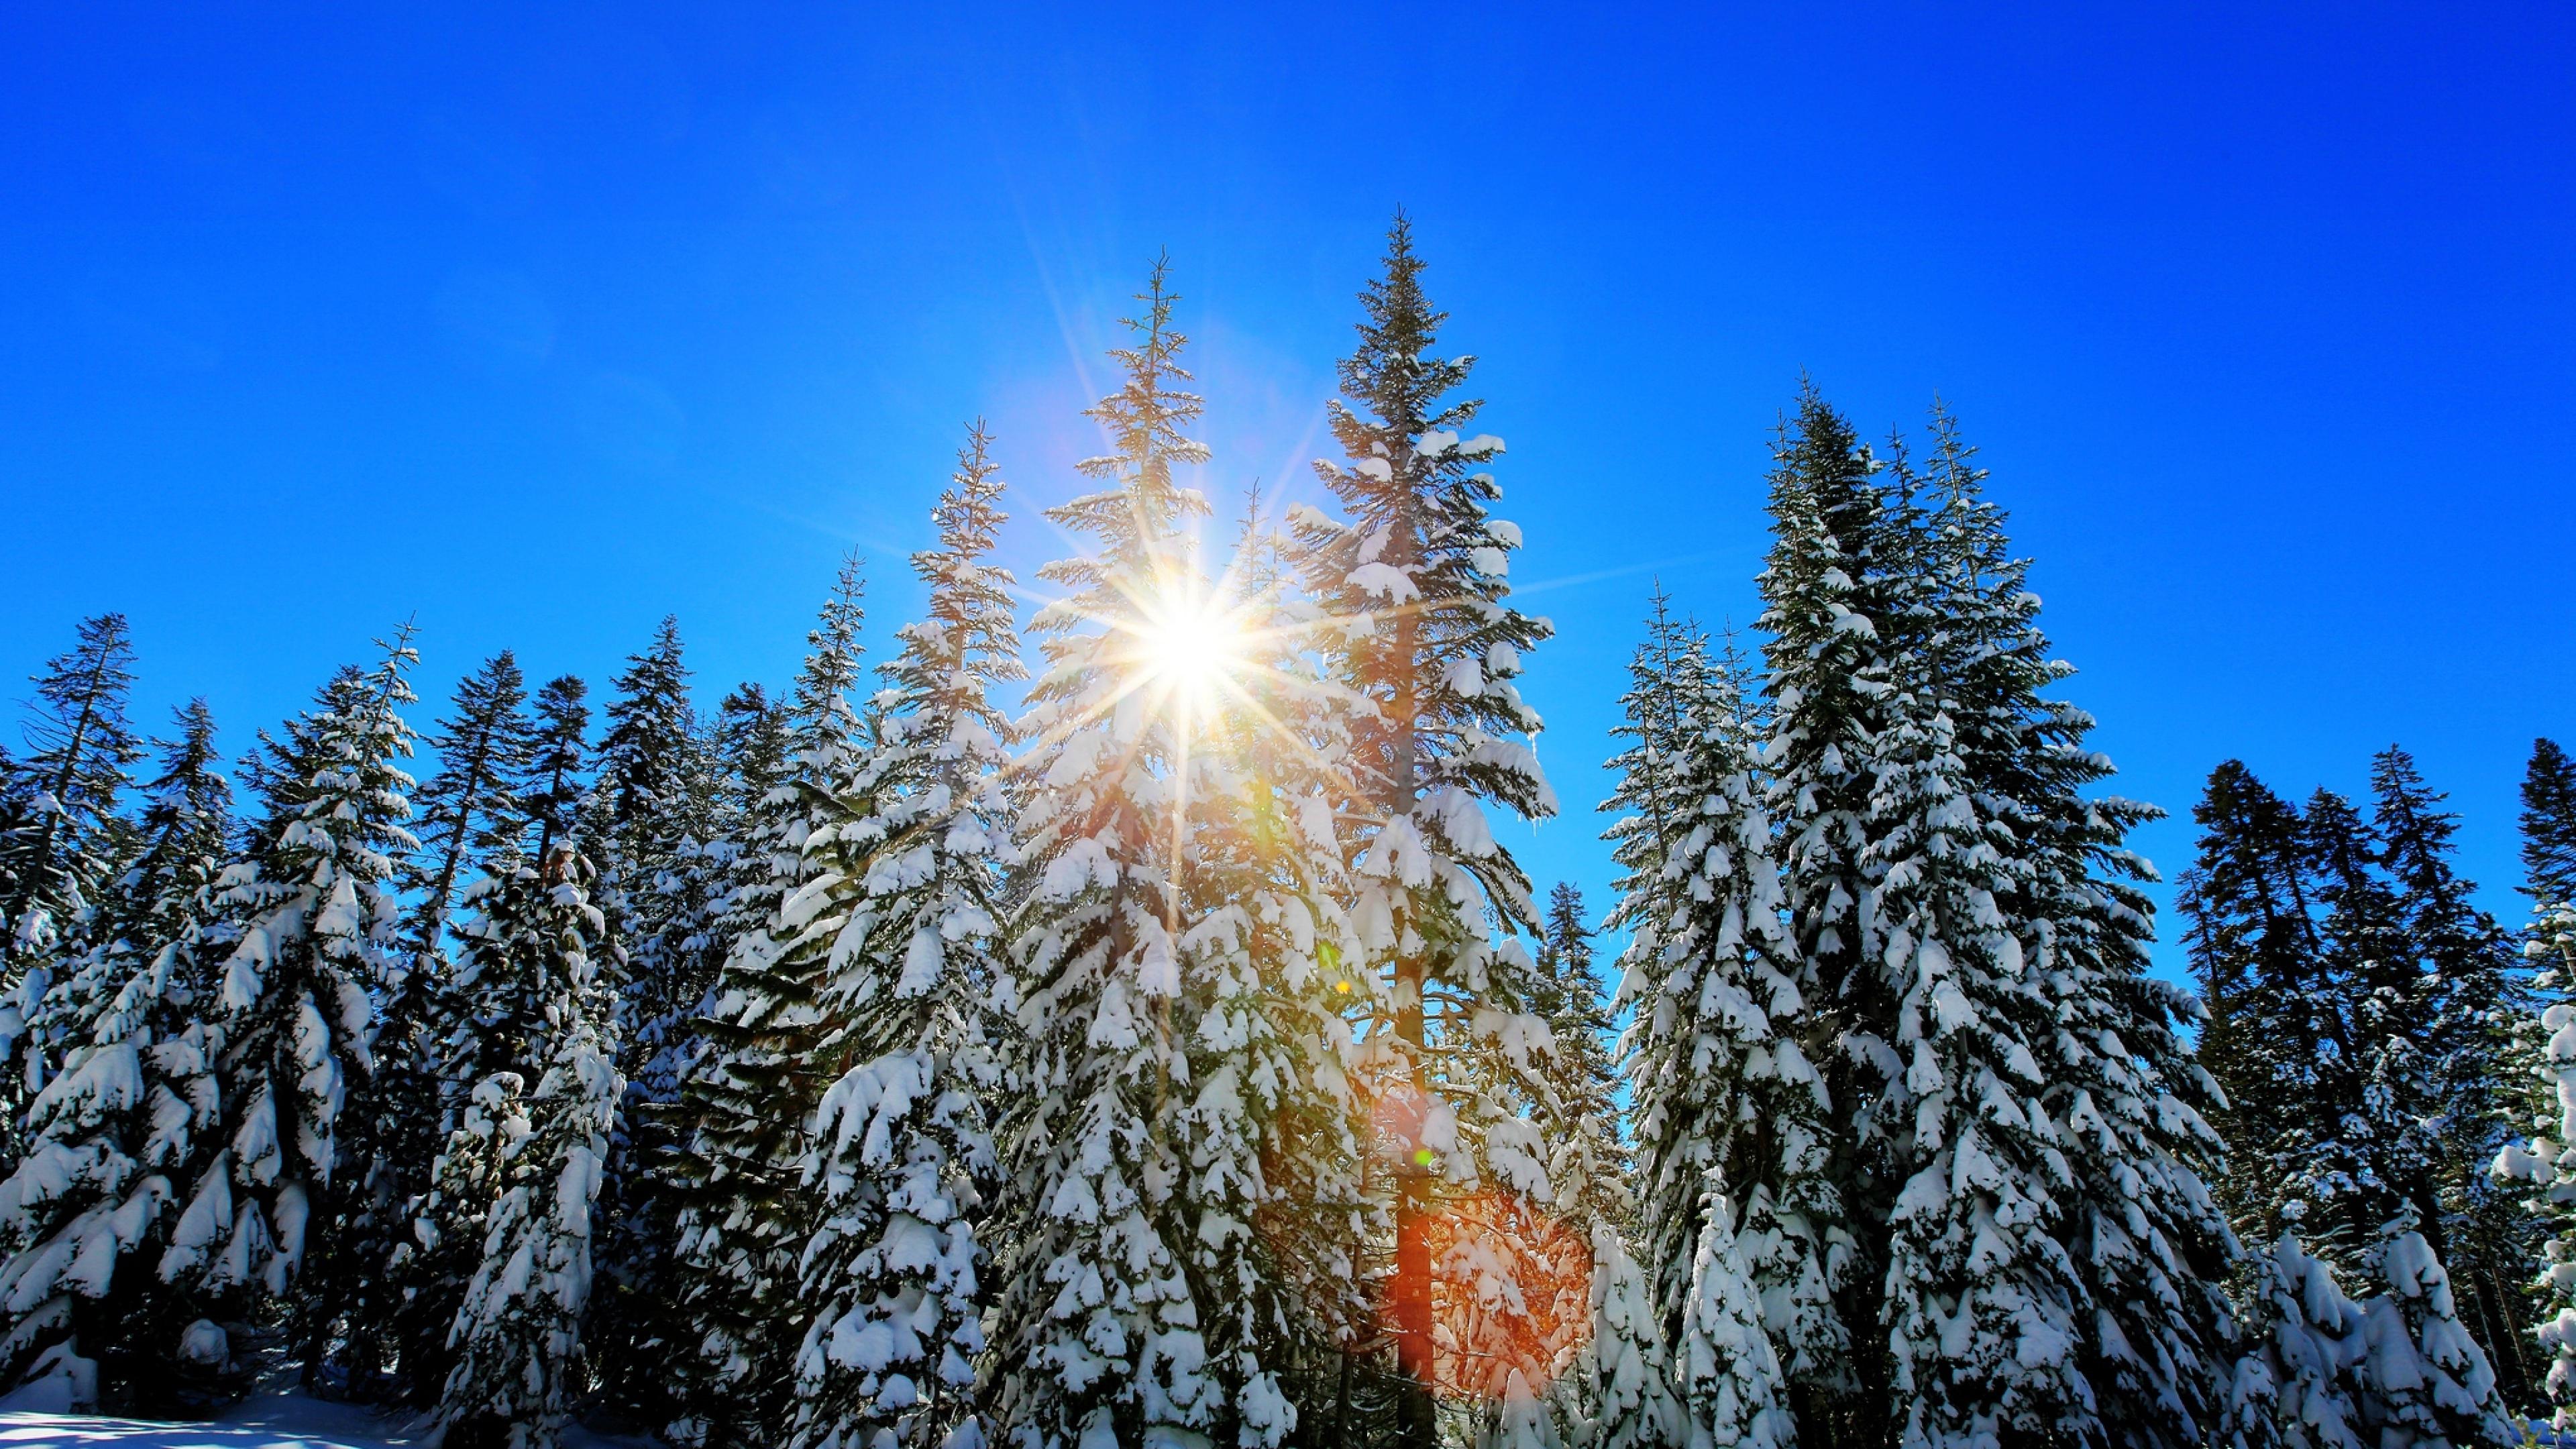 зимний солнечный лес  № 310403 бесплатно